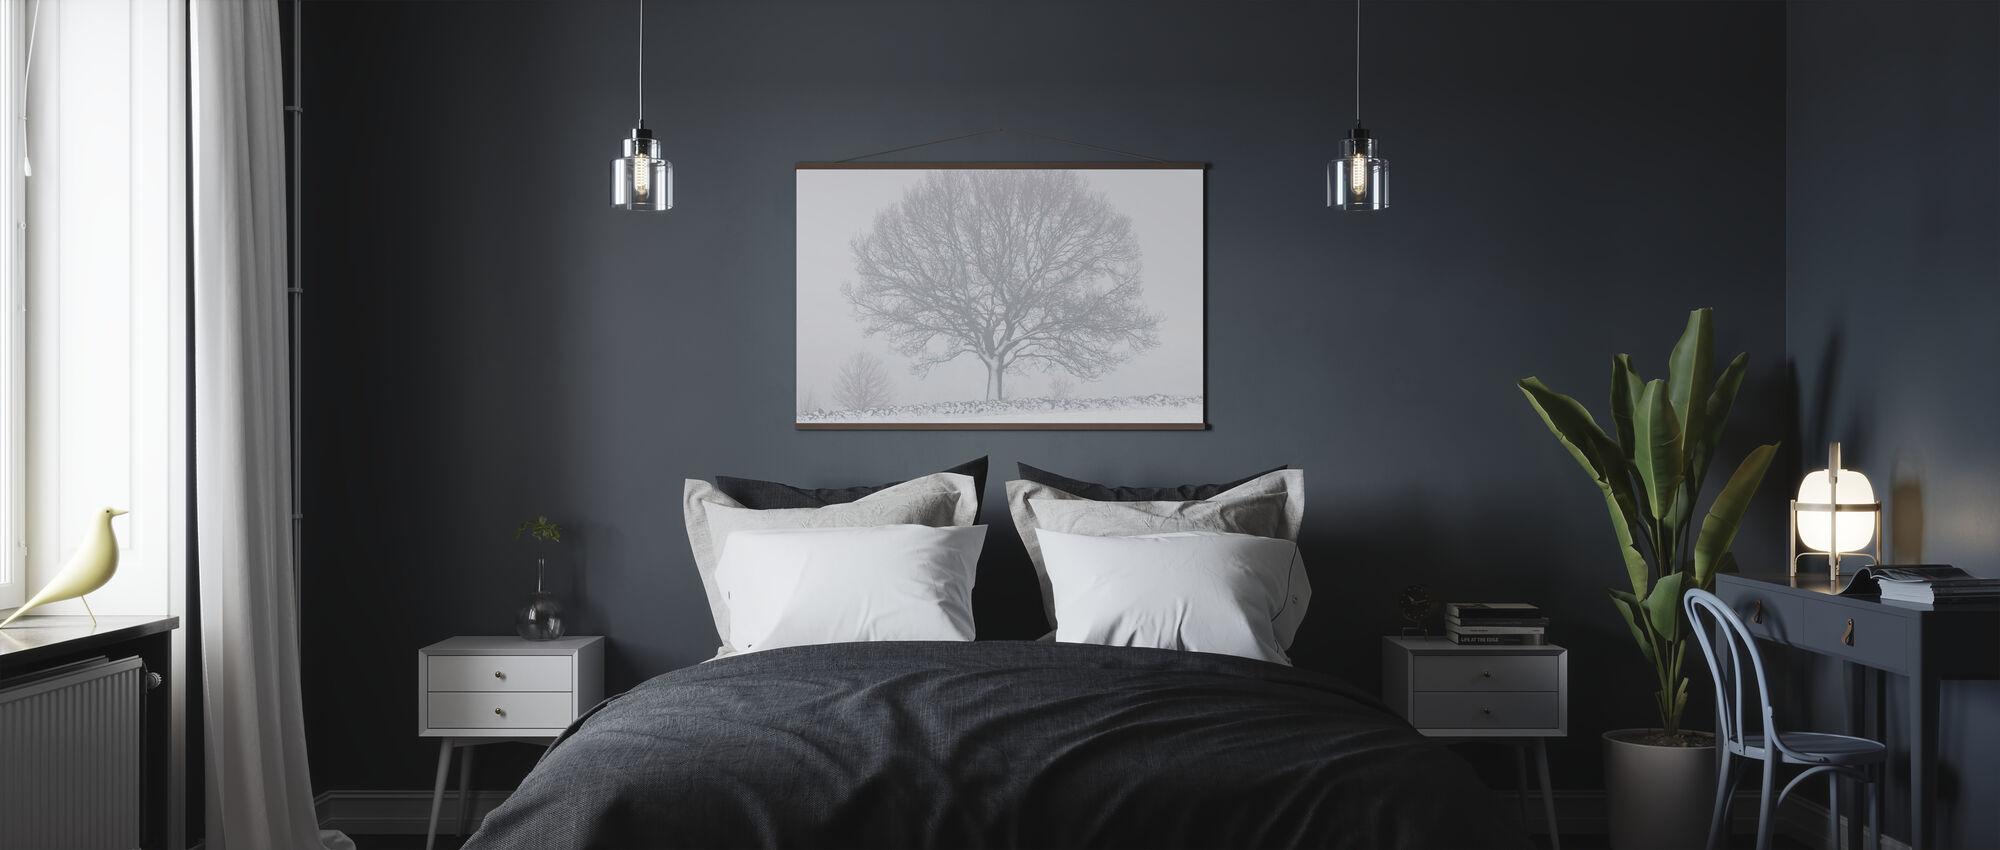 Vinter træ af sten væg - Plakat - Soveværelse